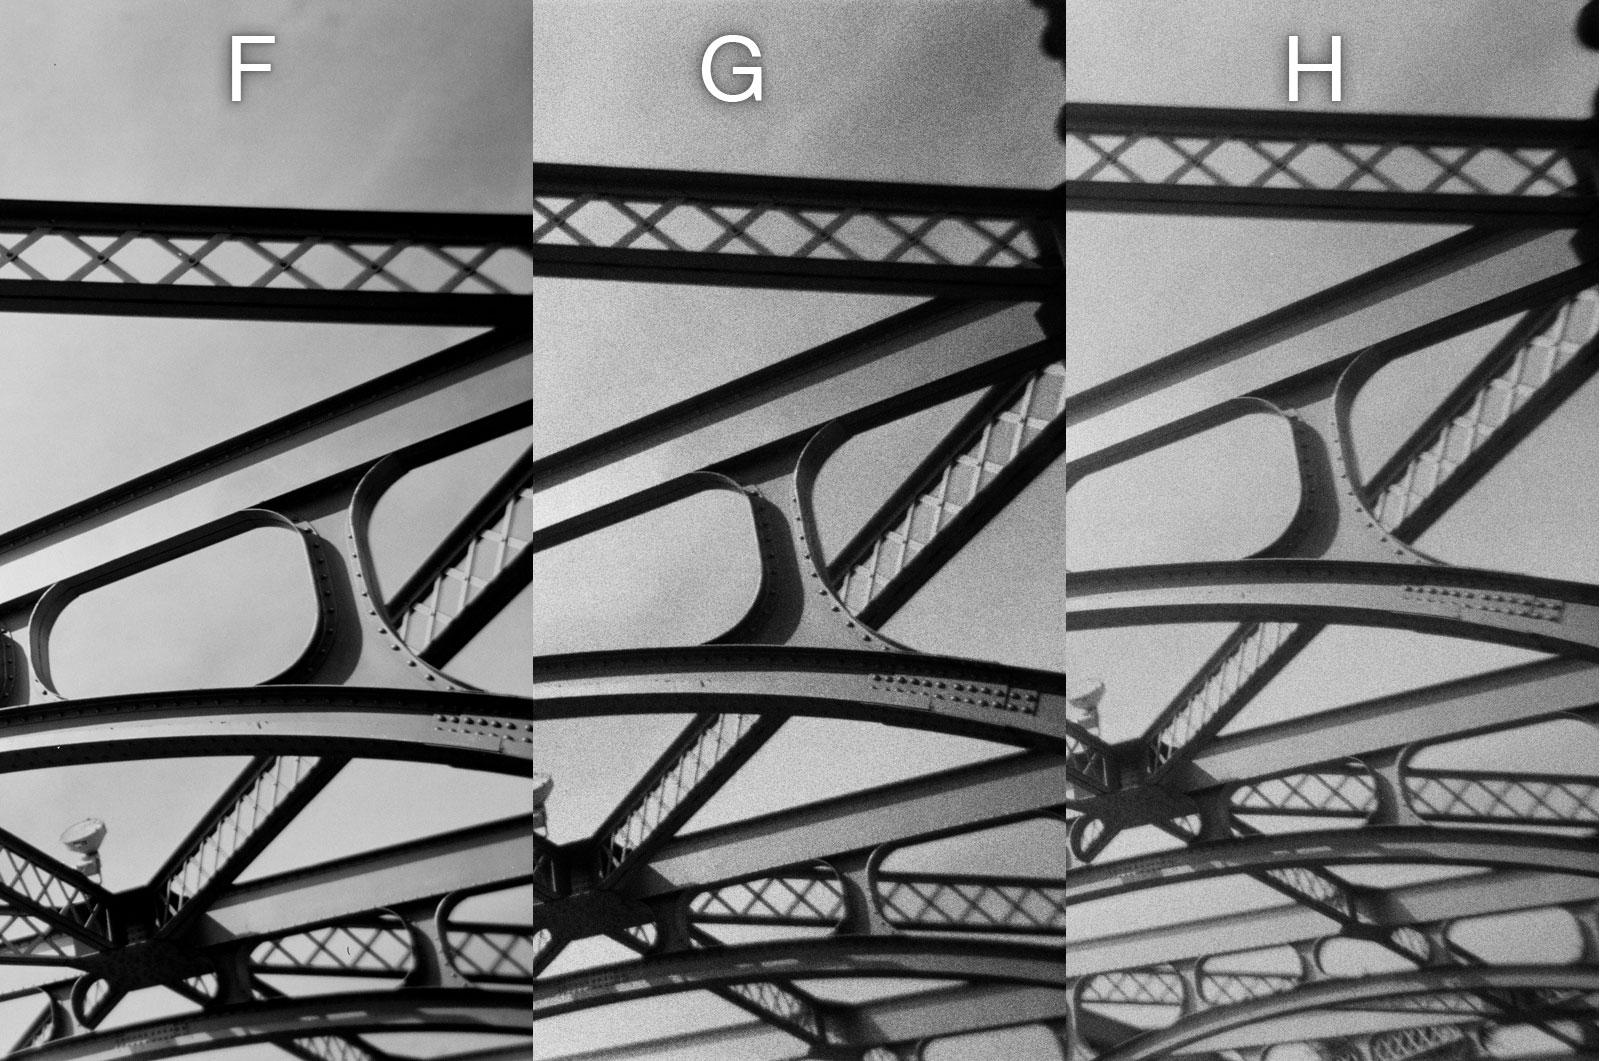 Disposable Single Use Cameras B&W Photo Comparison - Bridge2